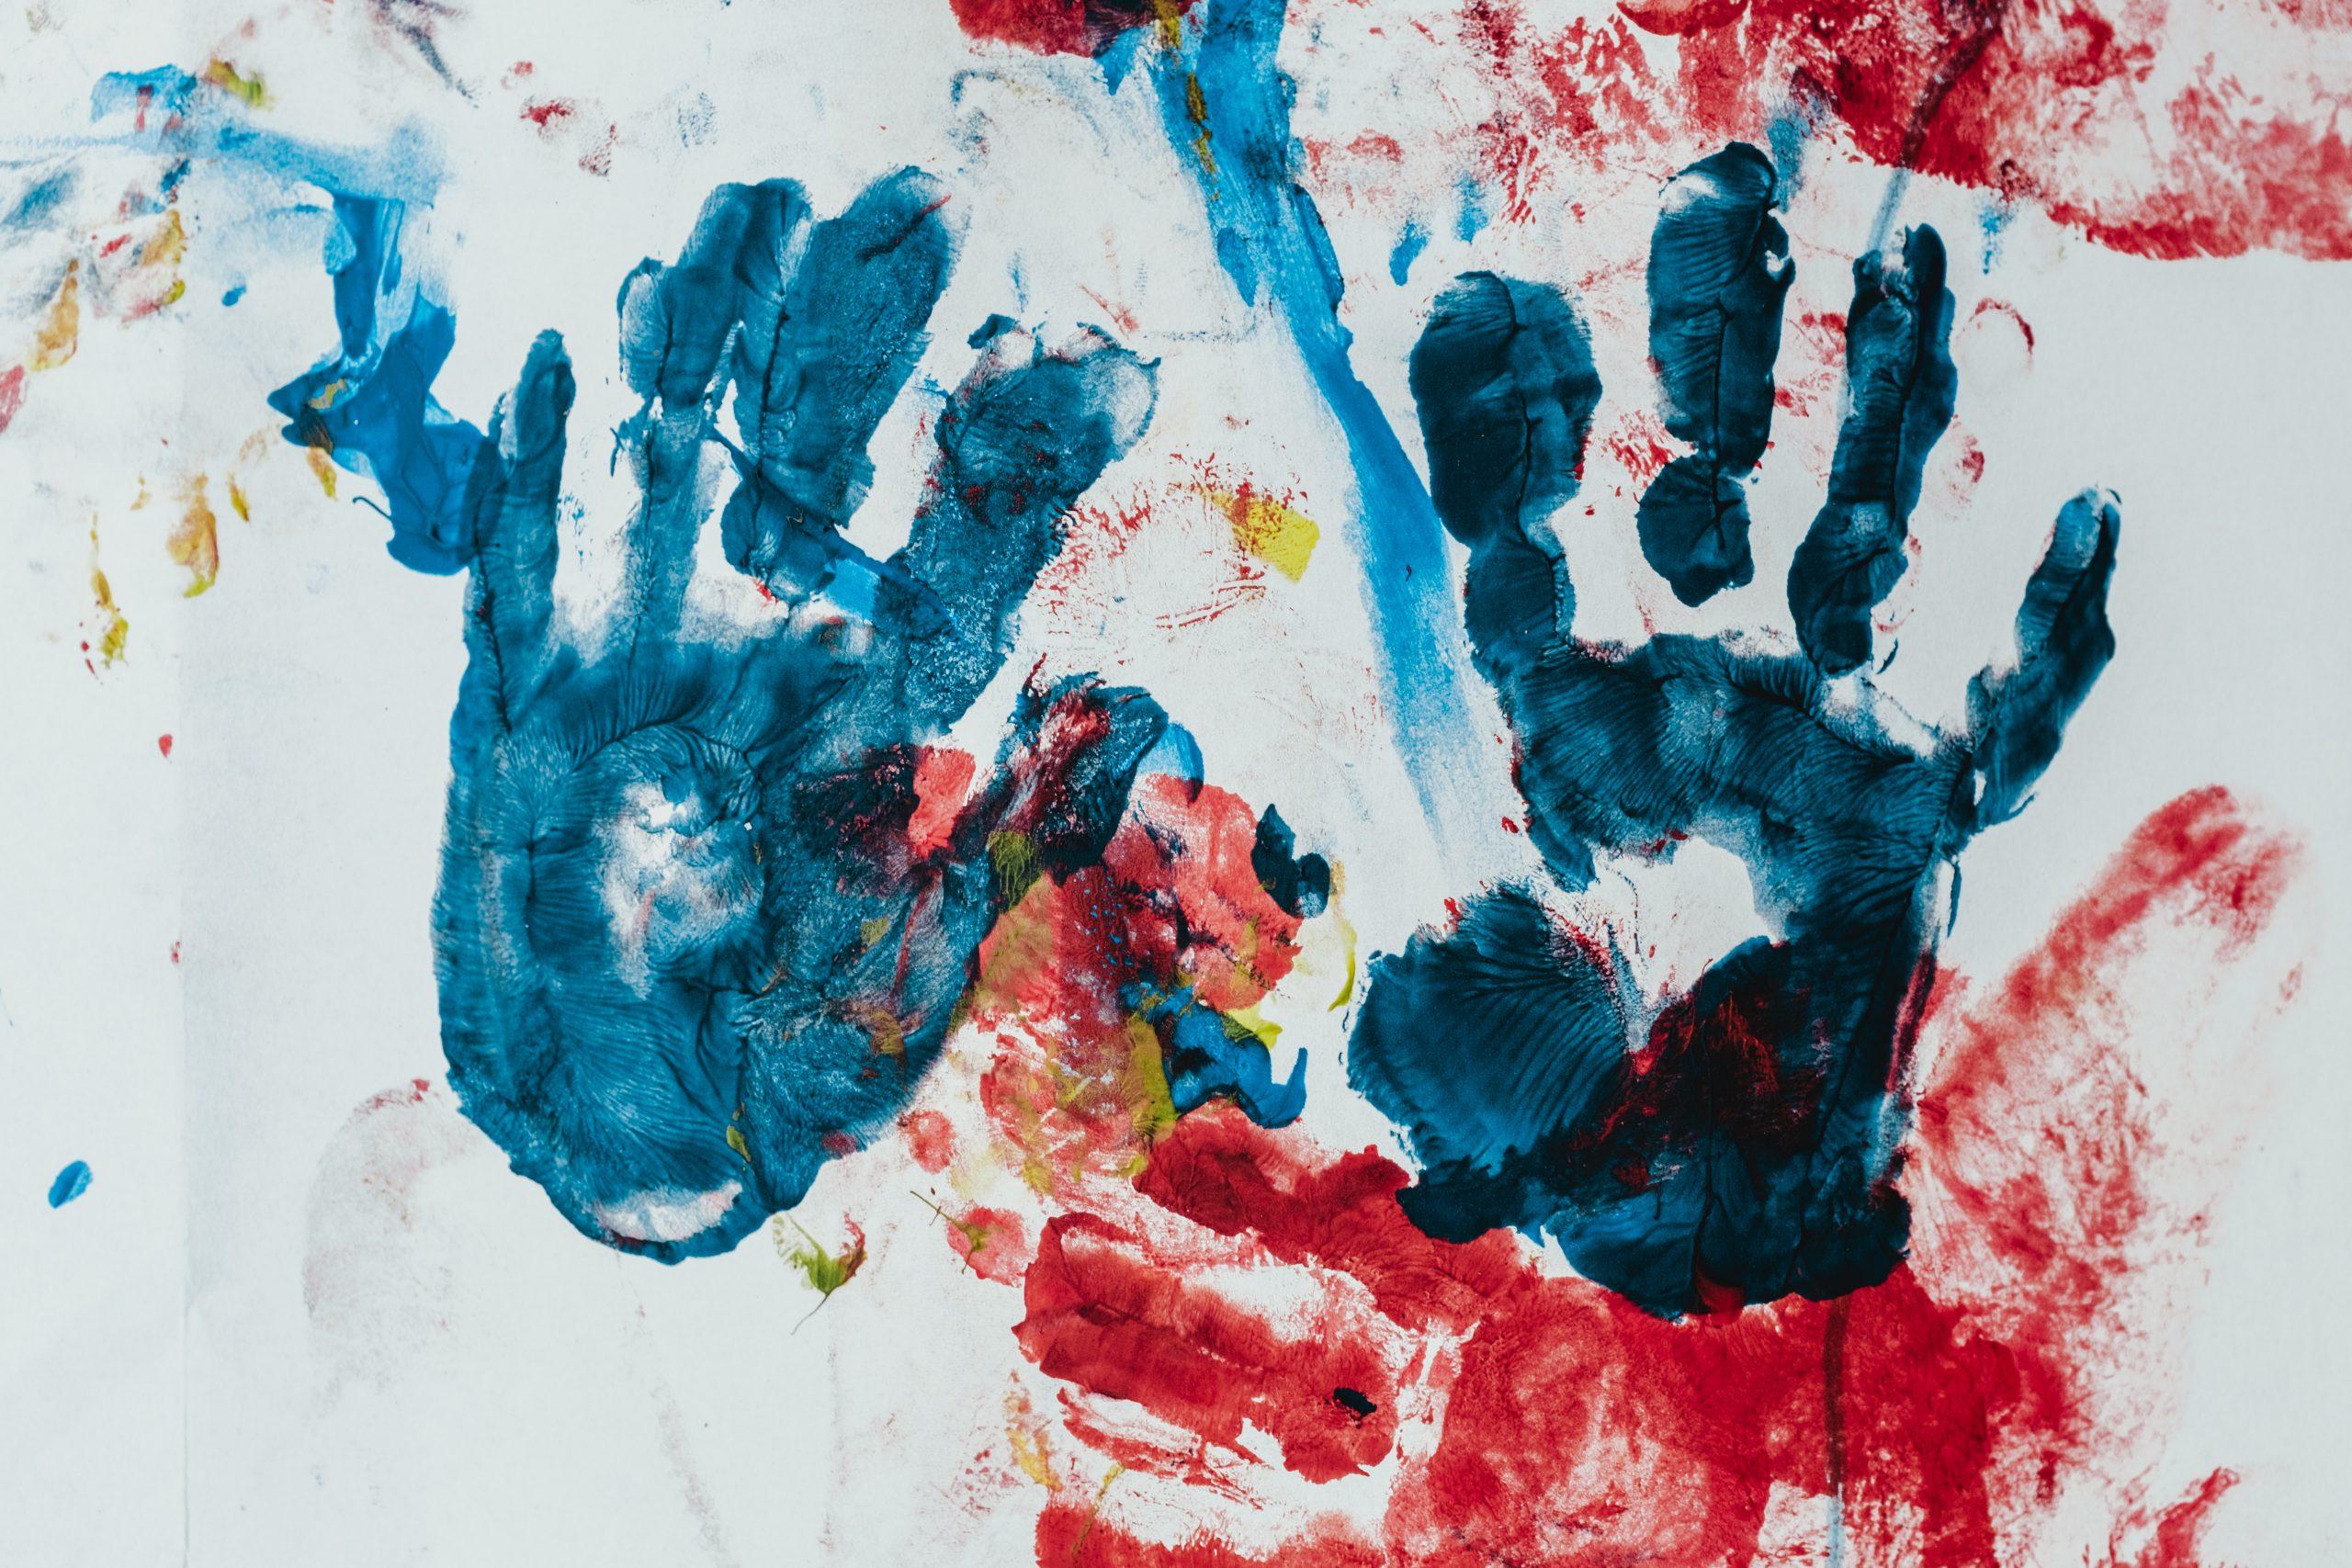 Manos de niños con pintura sobre papel